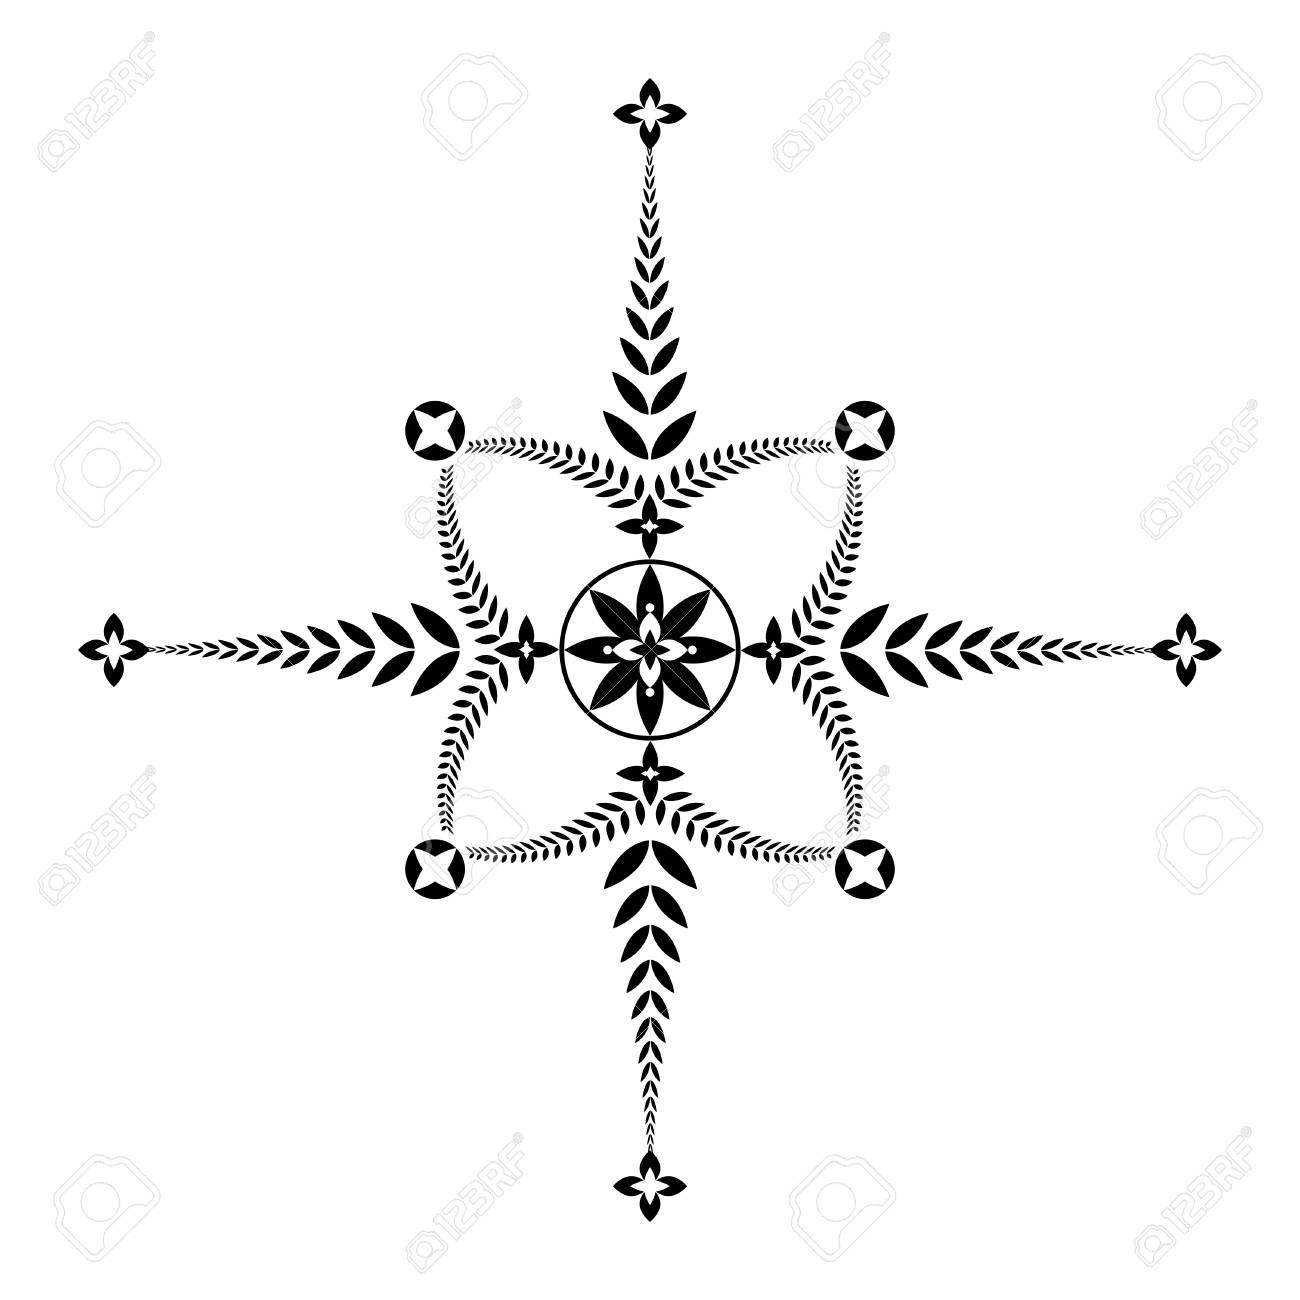 Tatouage De Couronne De Laurier Insigne De Croix Insolite Icone